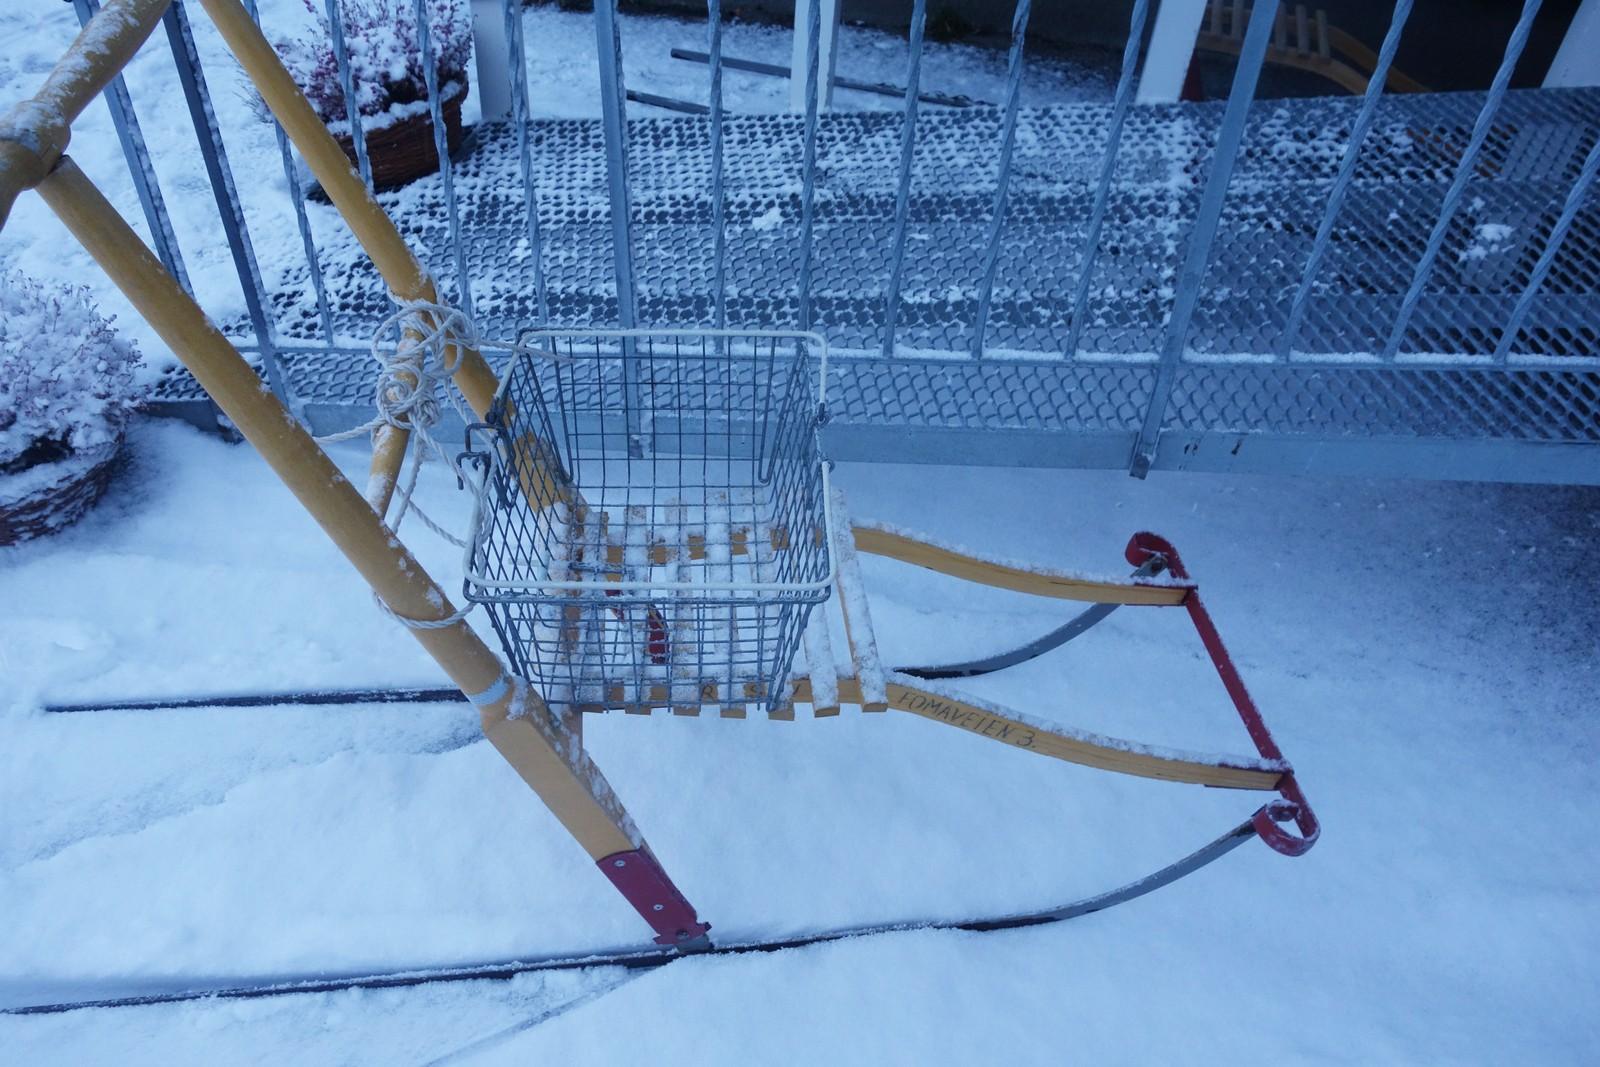 Det var sne på den hardkjørte vegen, folk bruker spark til butikken.